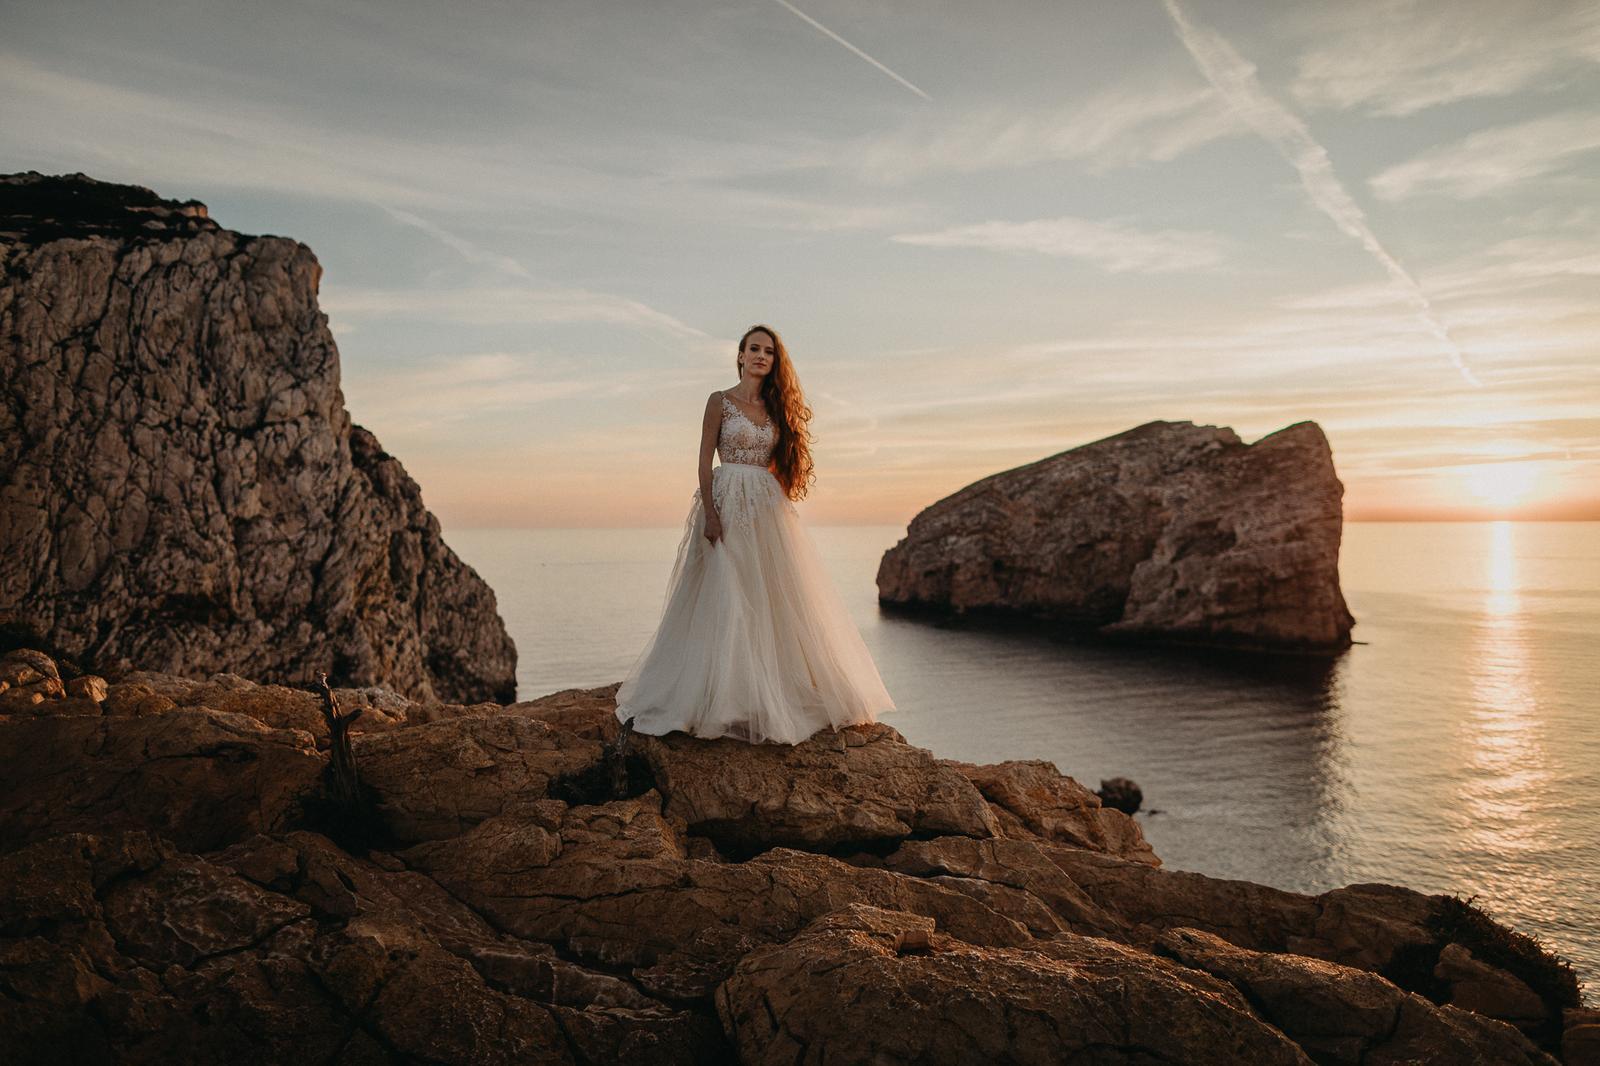 Naše svadobné fotenie na Sardínii - Obrázok č. 74